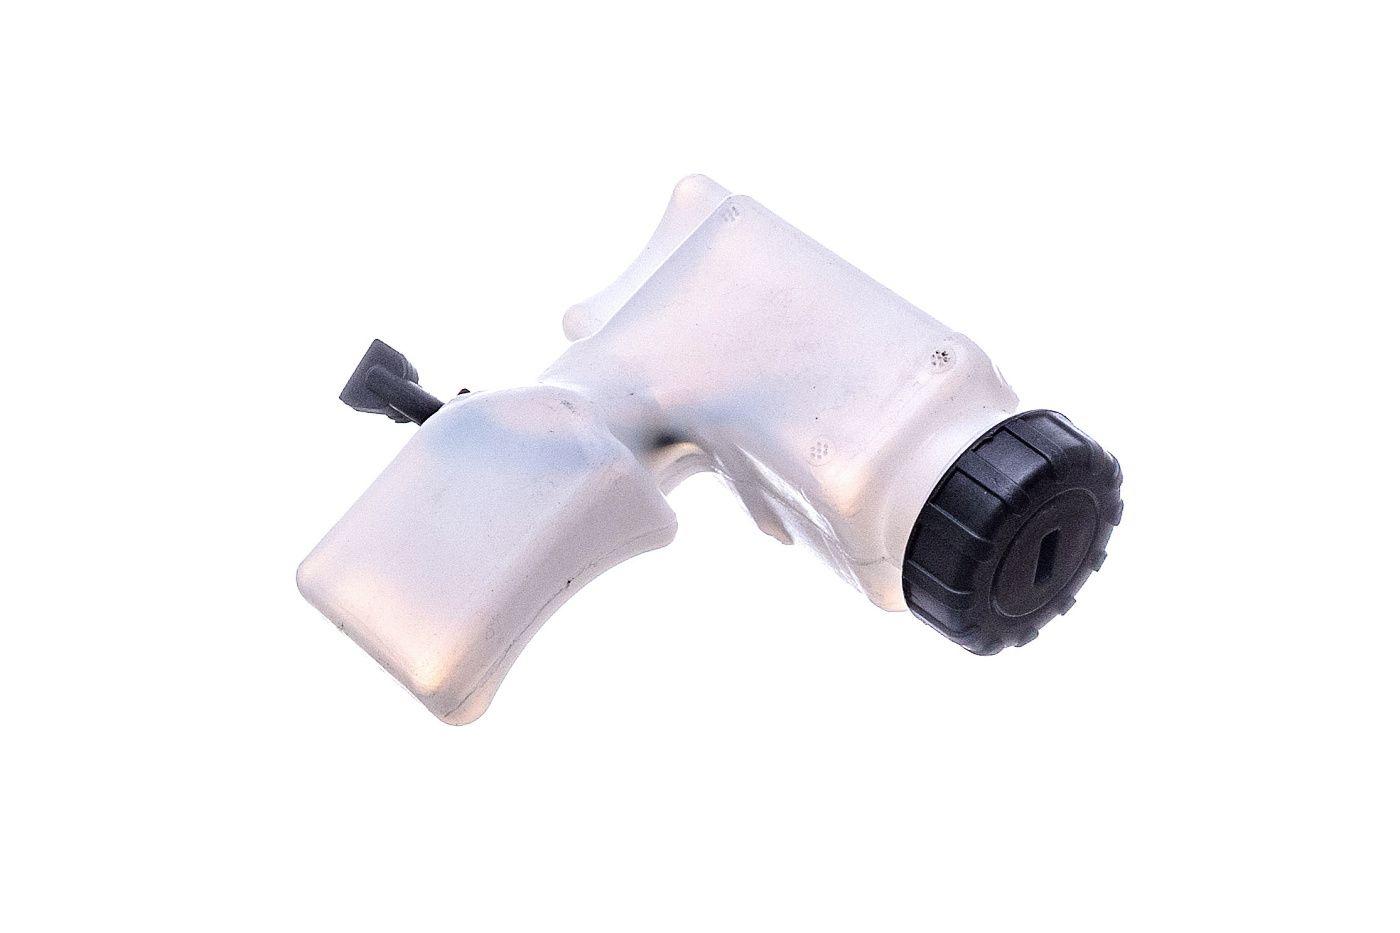 Kompletná olejová nádrž Stihl MS170 MS180 017 018 (1130 350 4400)